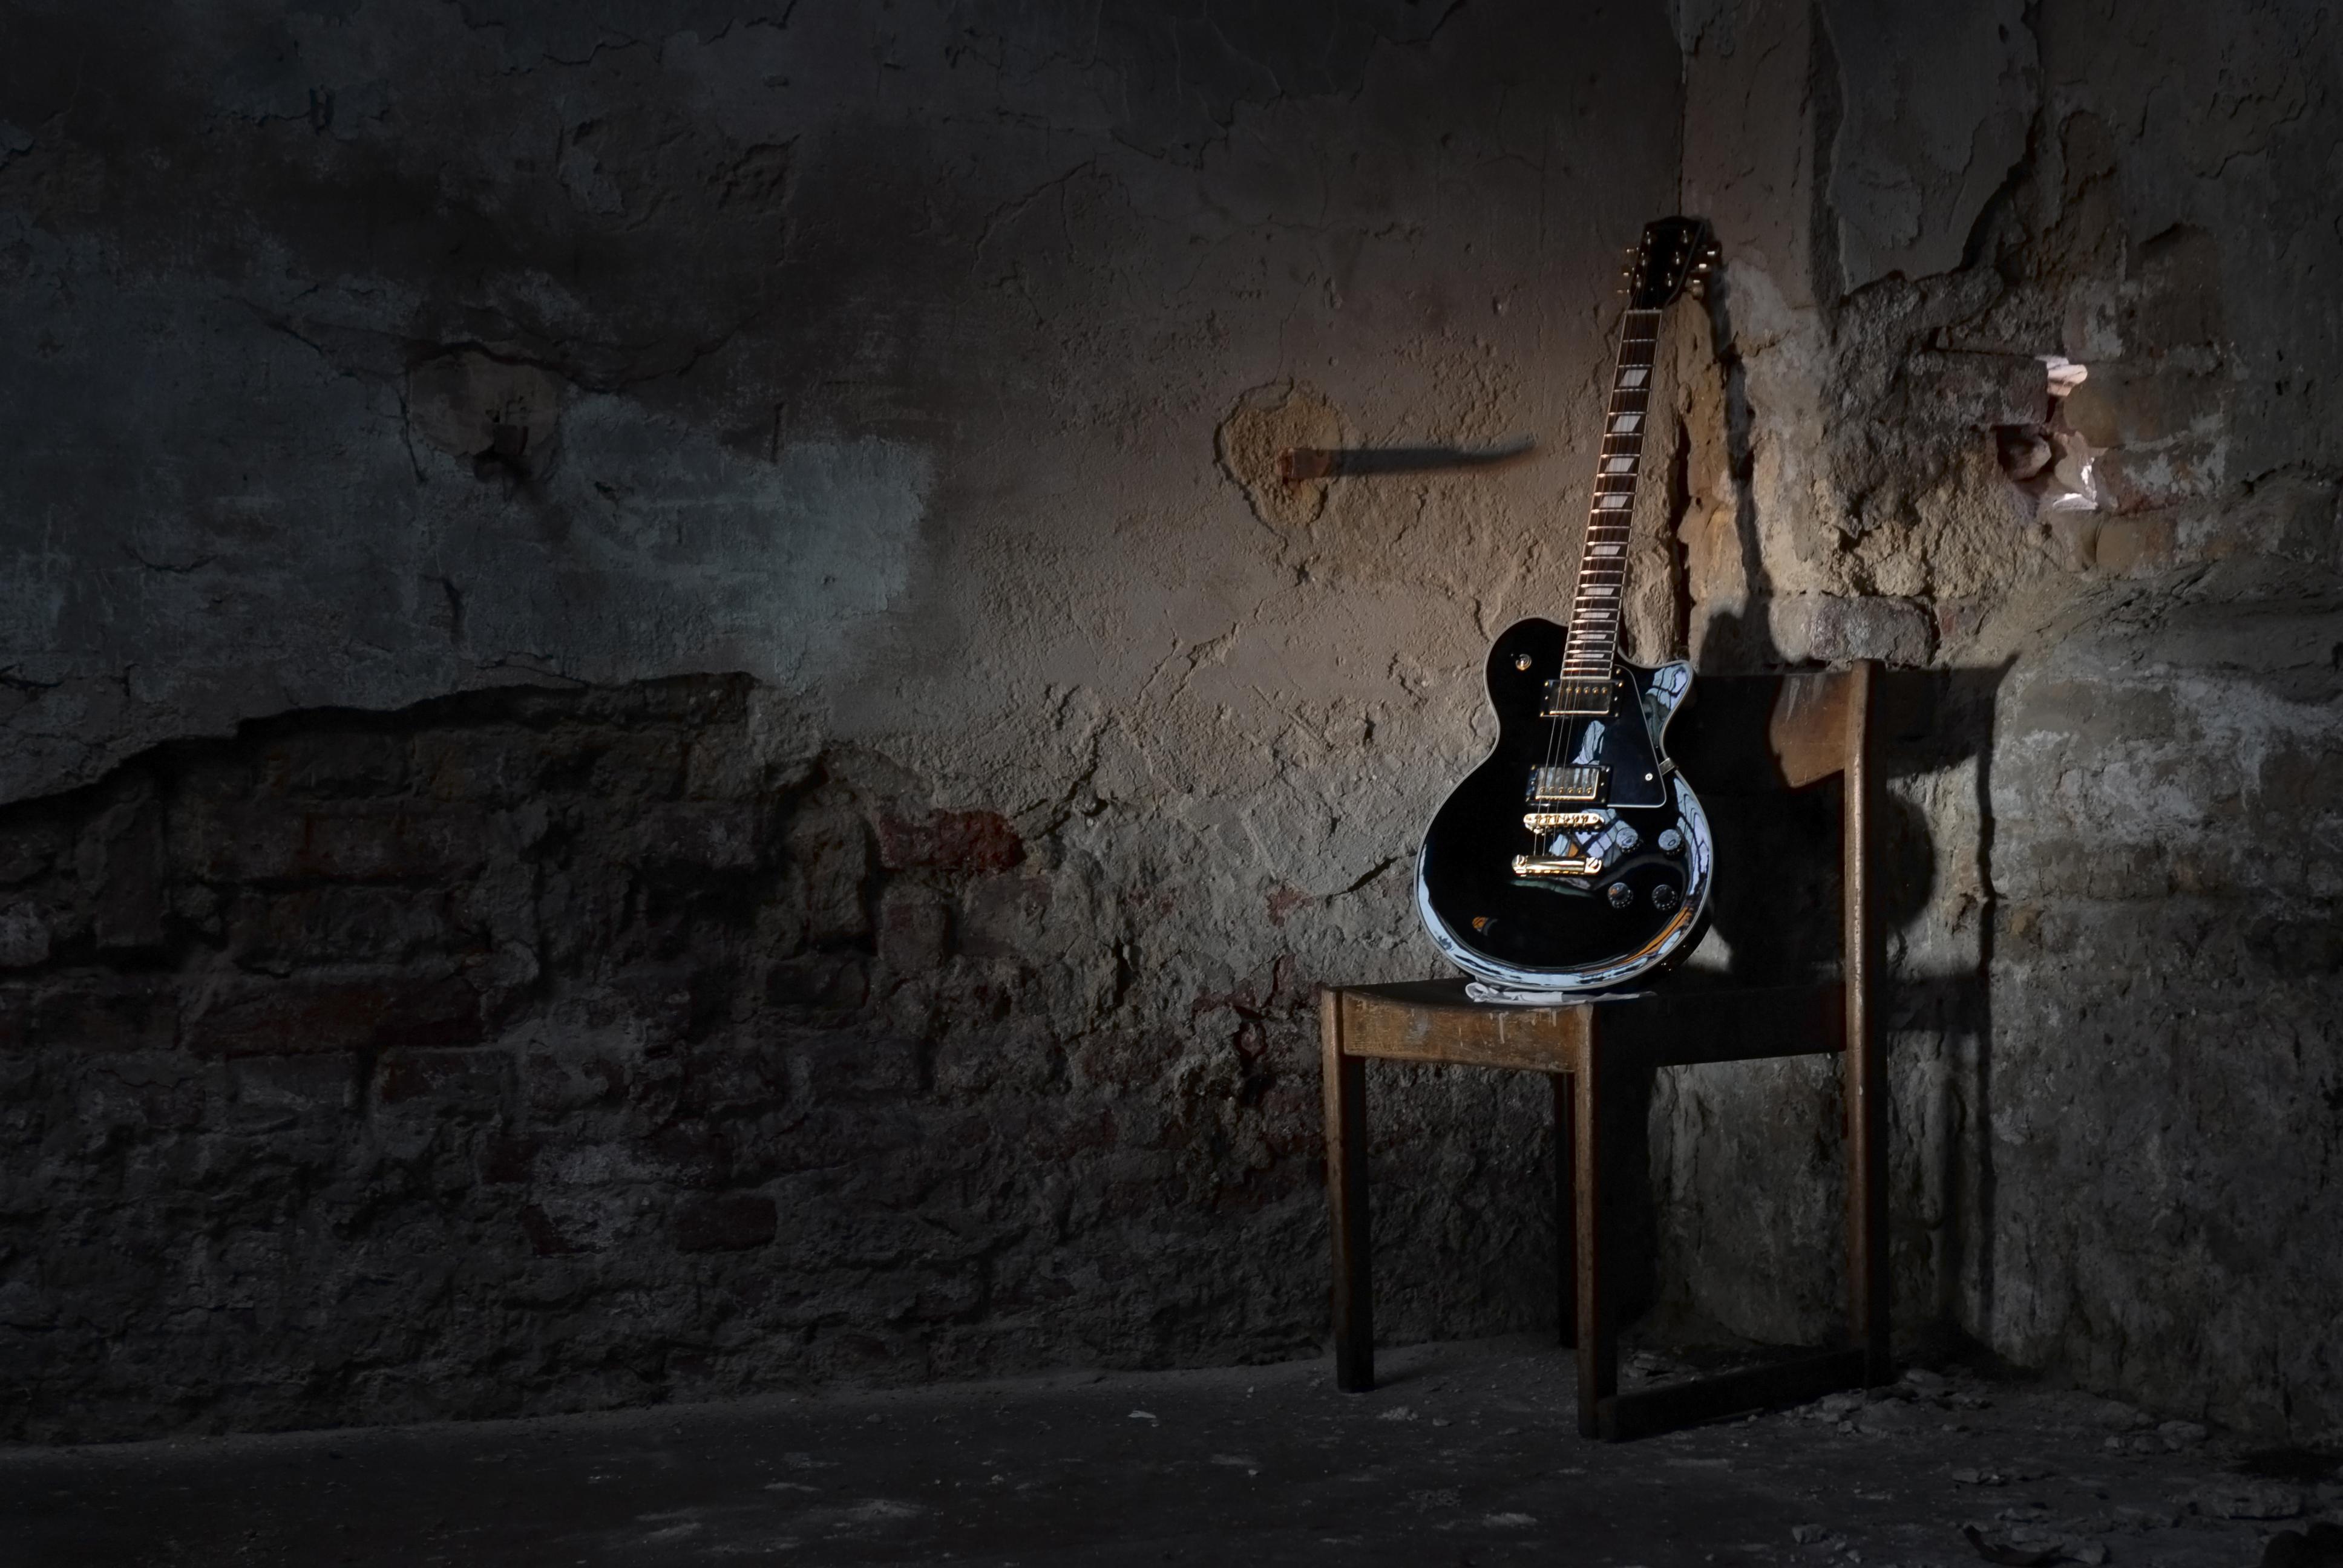 3 Doors Down Guitarist Dead: Possible Drug Overdose